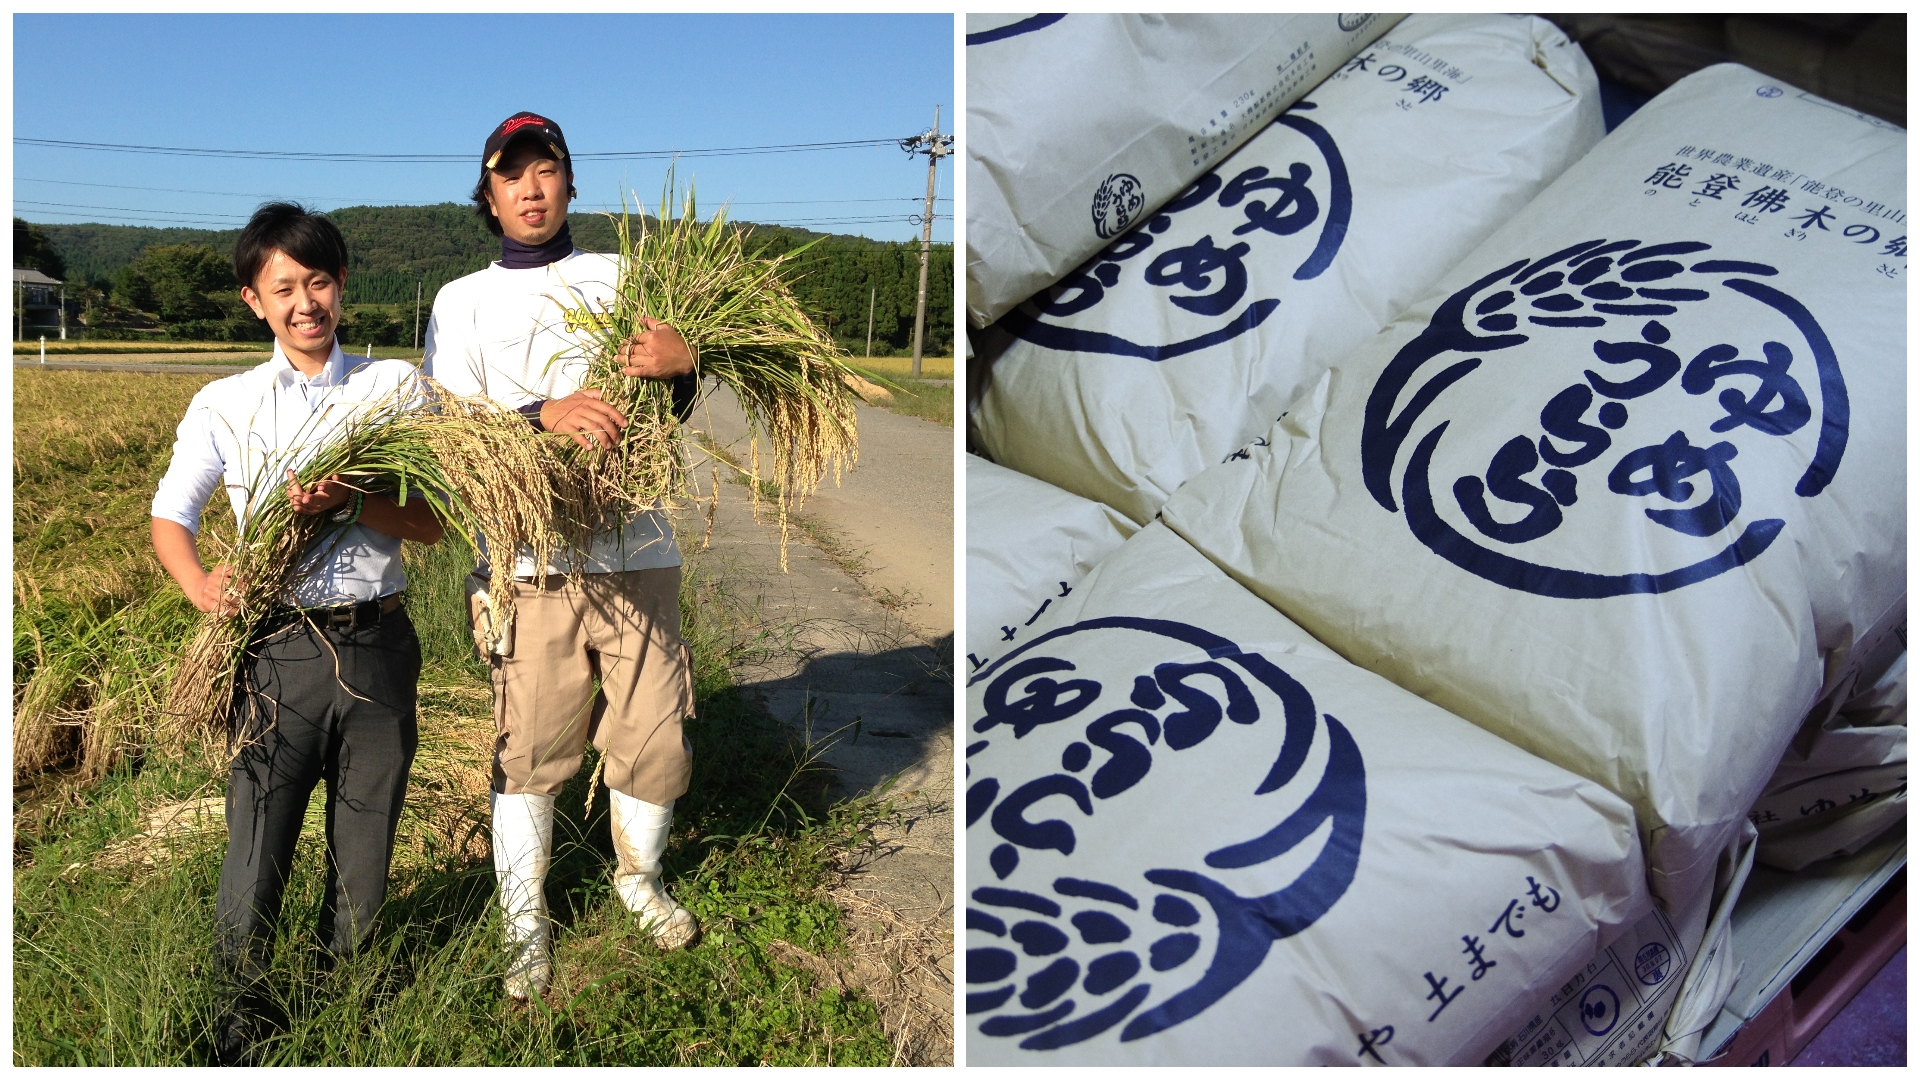 能登の地域食材に寄り添う日本酒「竹葉の食材特化シリーズ」から能登牛・イカ・牡蠣とのマリアージュにこだわった日本酒3本セットが初登場